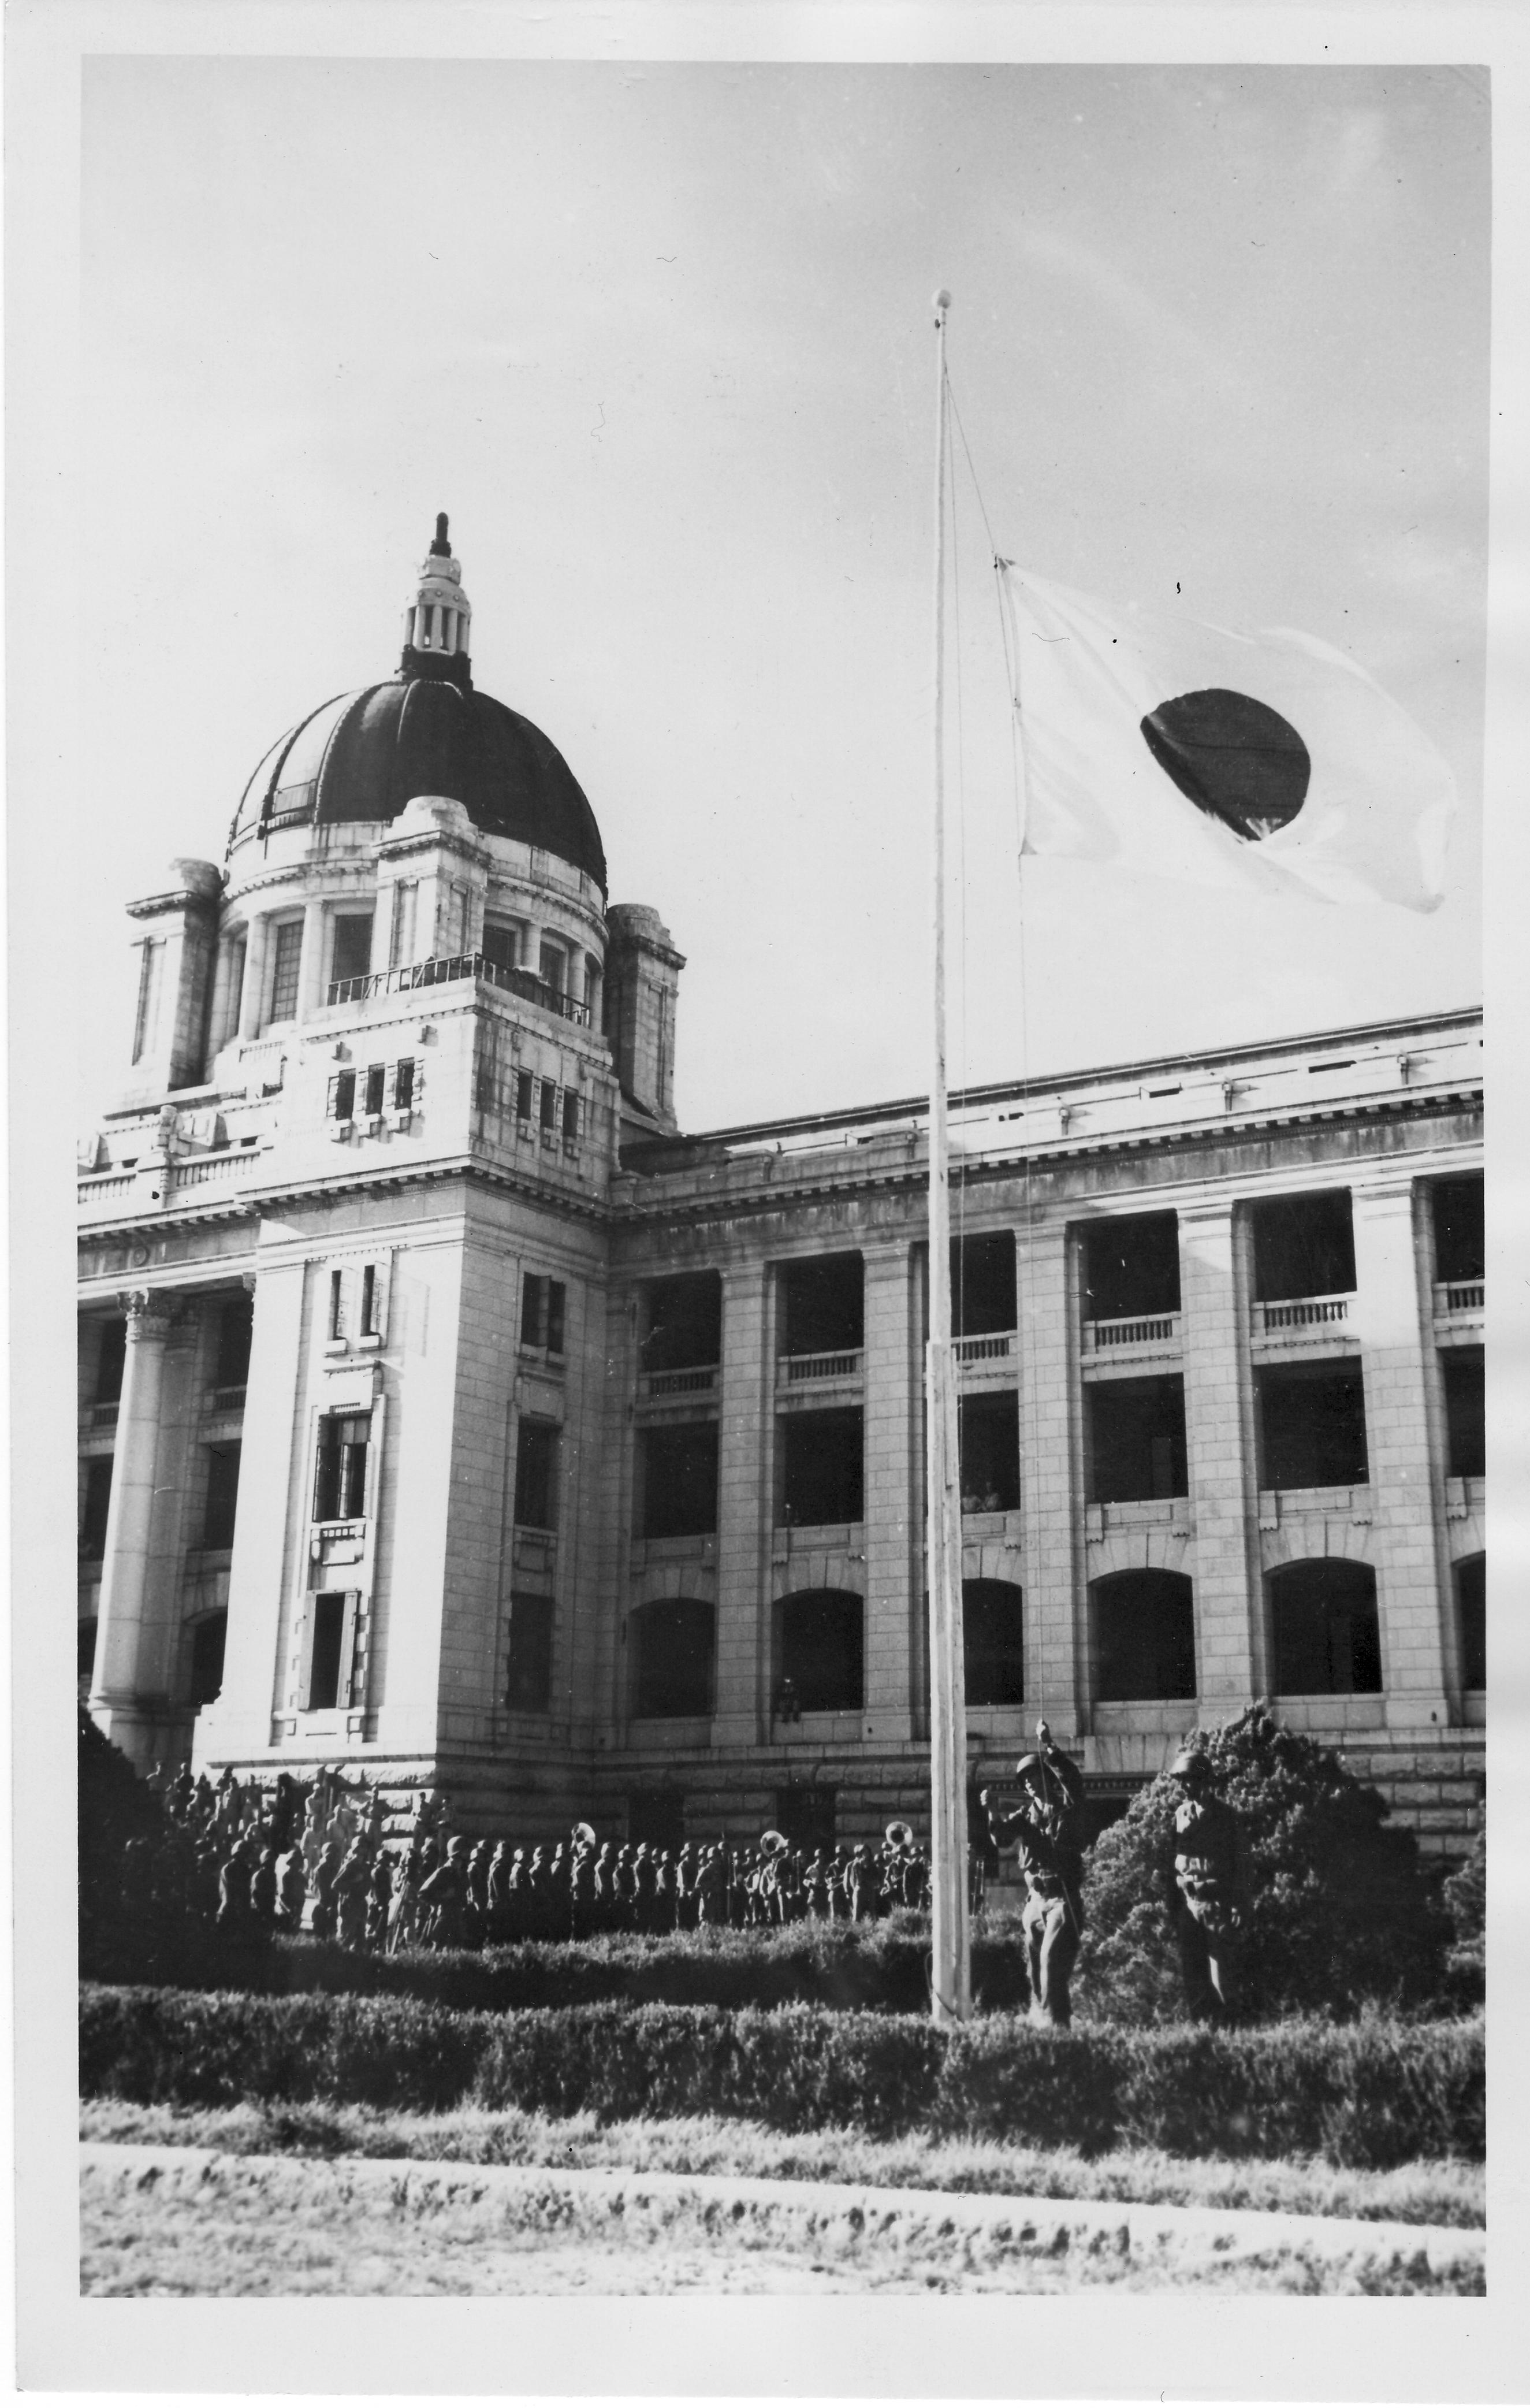 1945. 9. 9. 오후 4시 무렵, 미군 병사가 조선총독부 국기게양대에서 일장기를 내리고 있다.